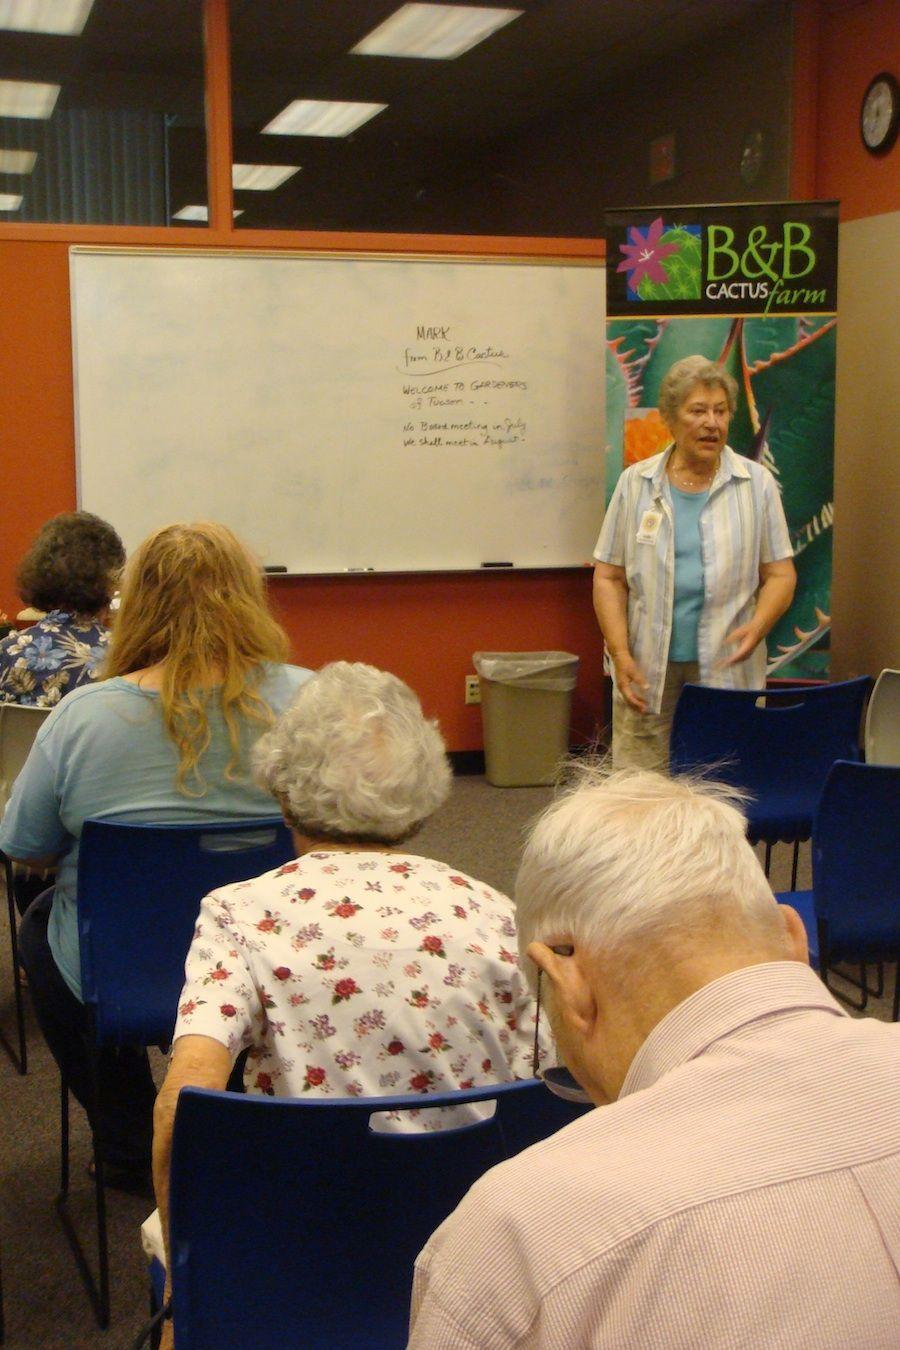 Wilting around edges, Tucson garden club disbands   Home & Garden ...